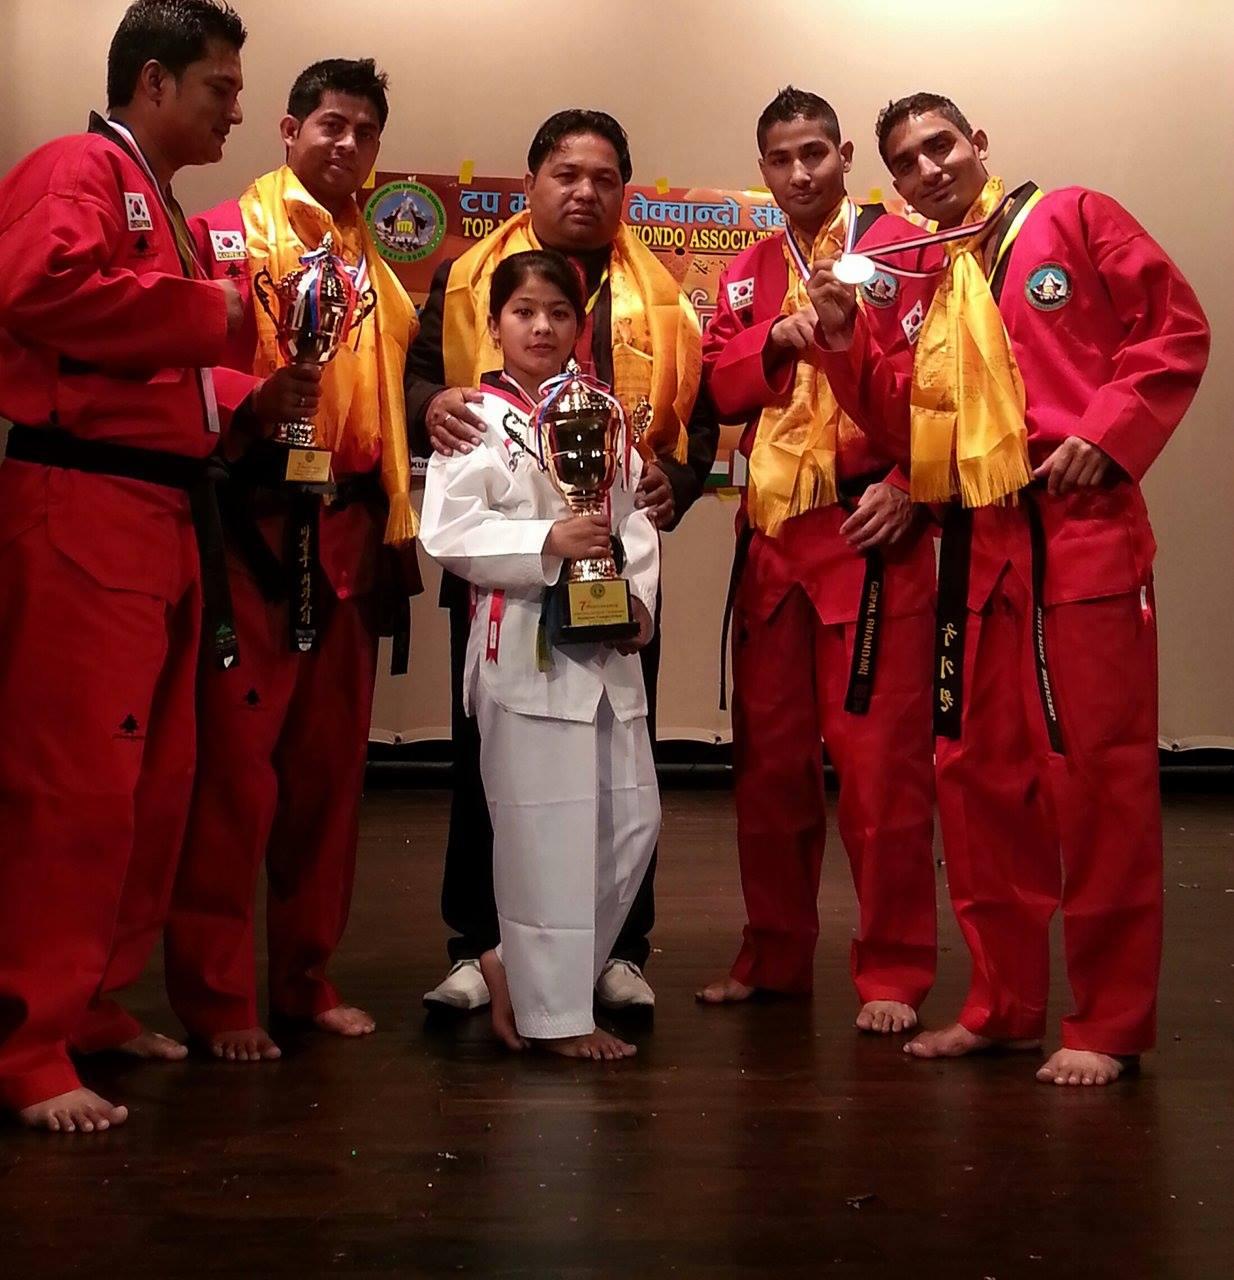 ४ स्वर्णसहित तेक्वान्दो टोली स्वदेश फिर्ता